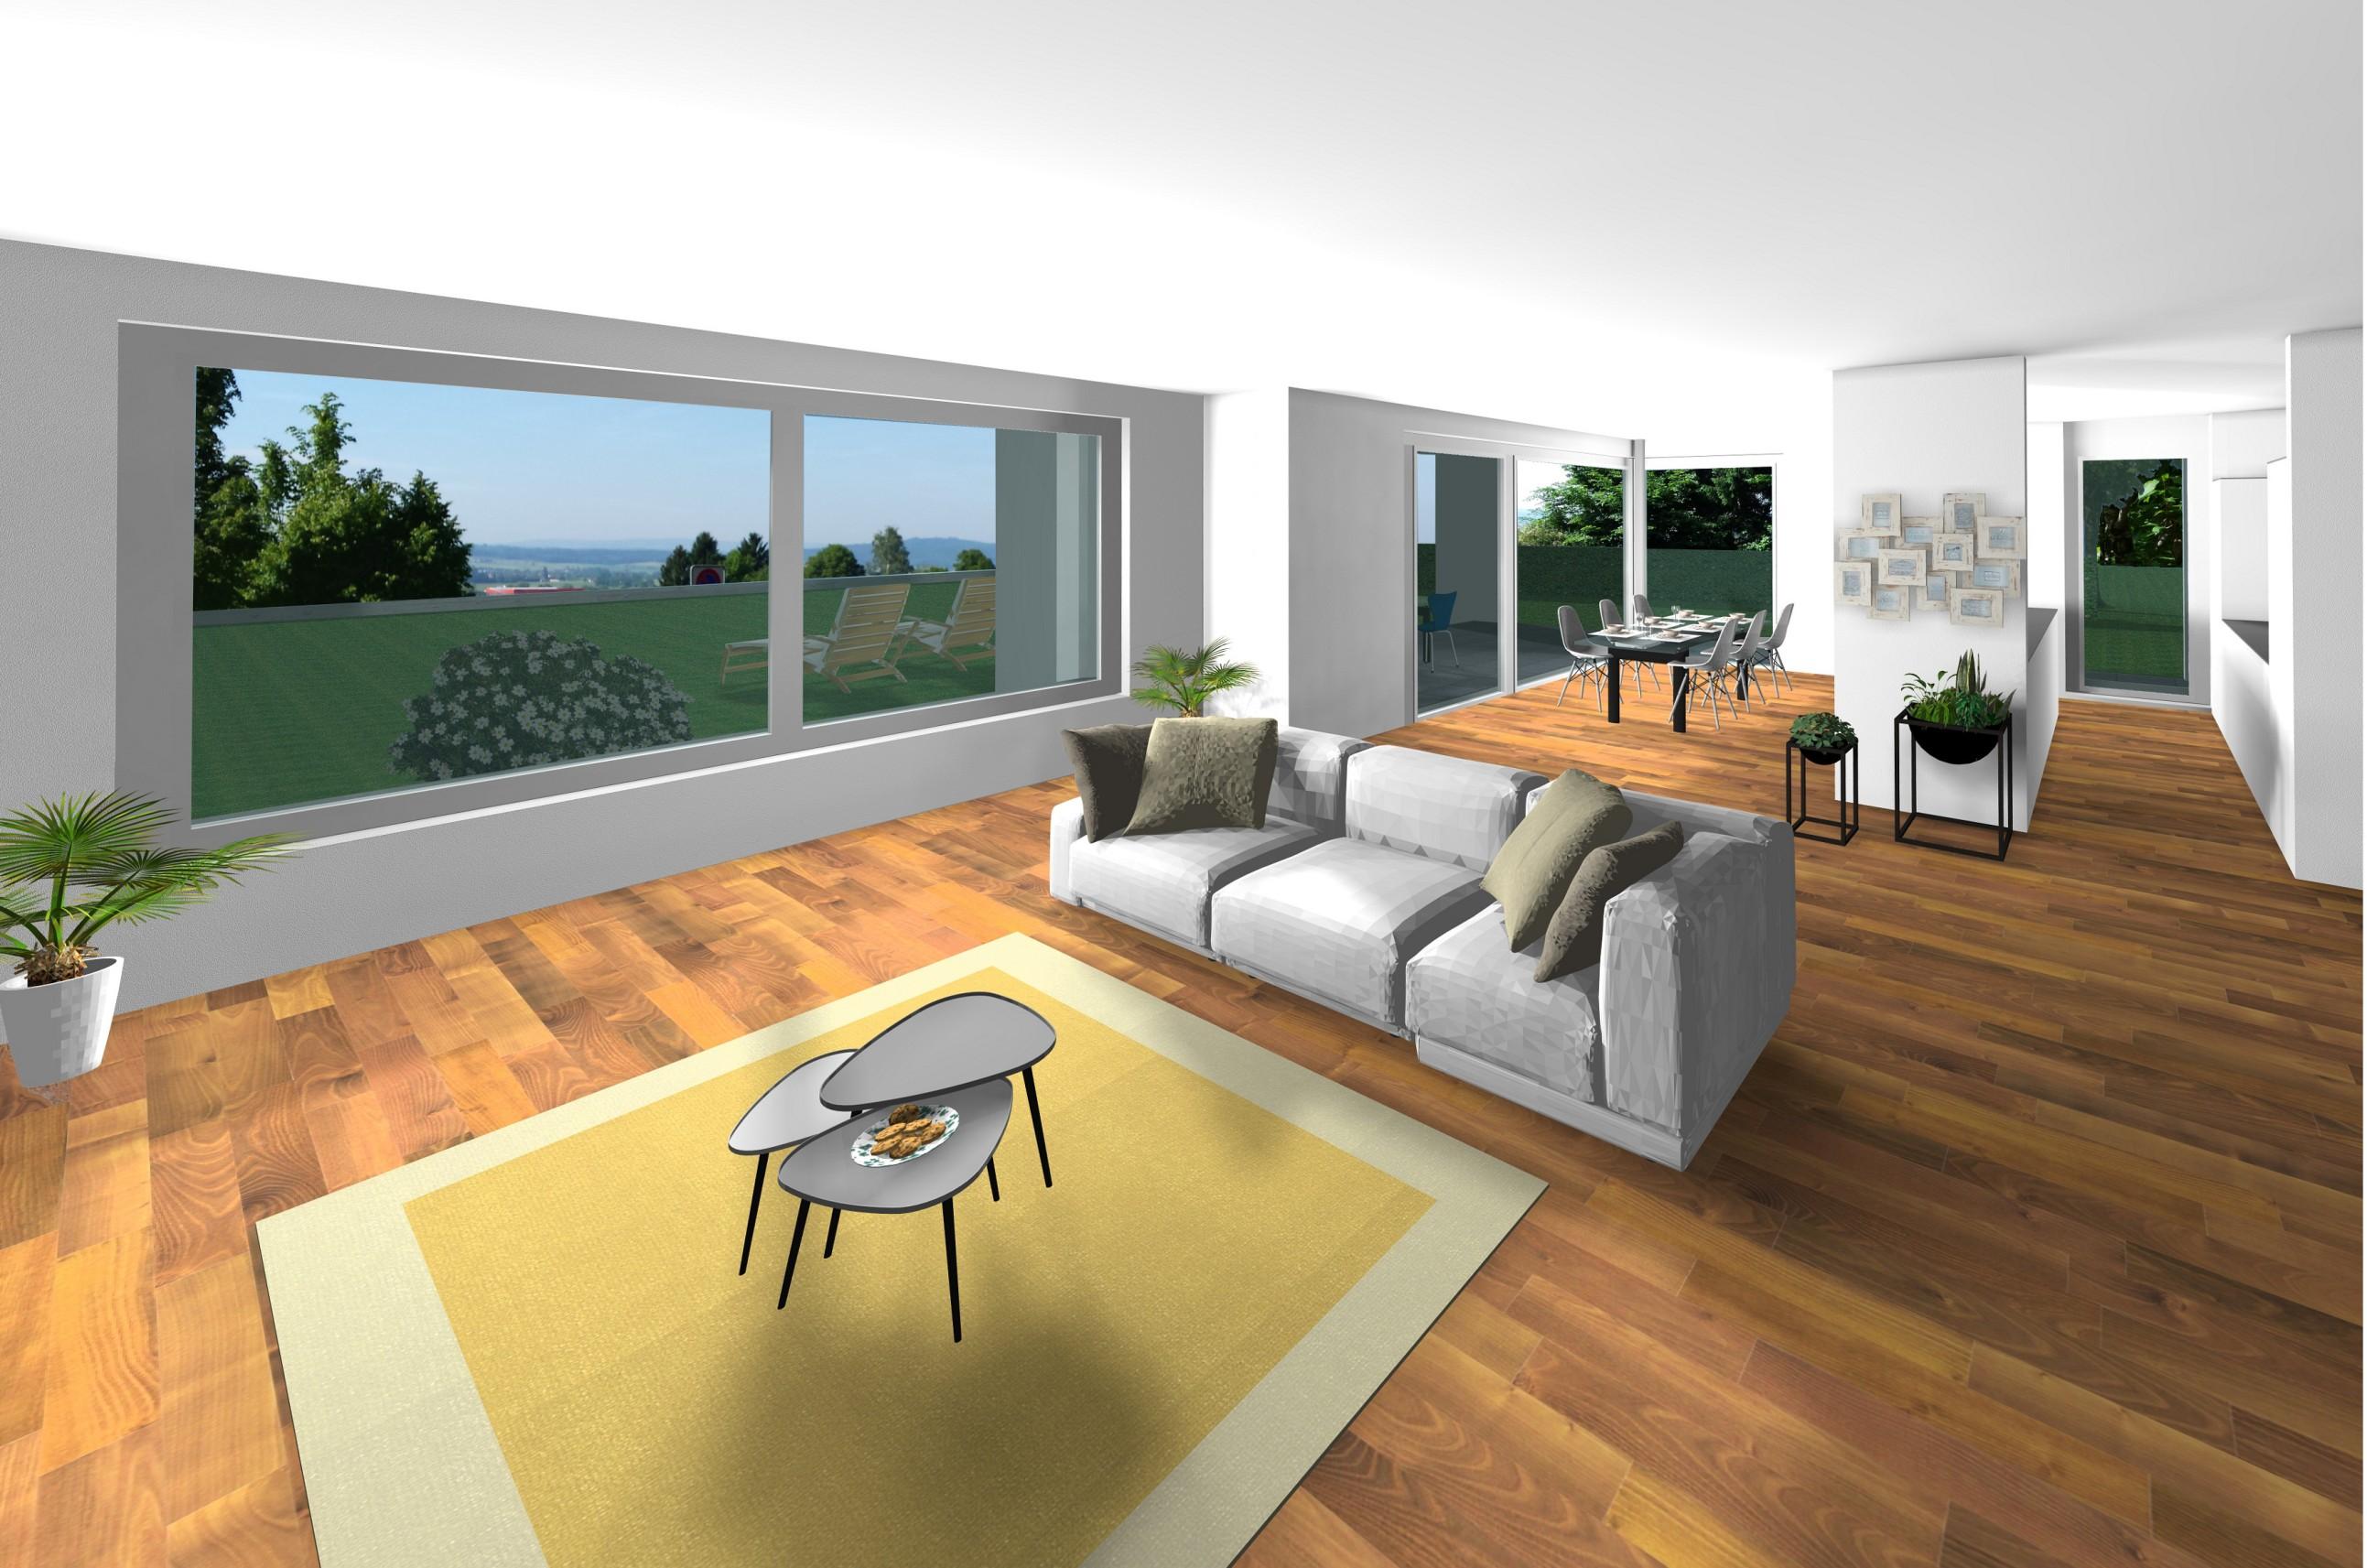 Mehrfamilienhaus in bettlach architektur und for Raumgestaltung architektur